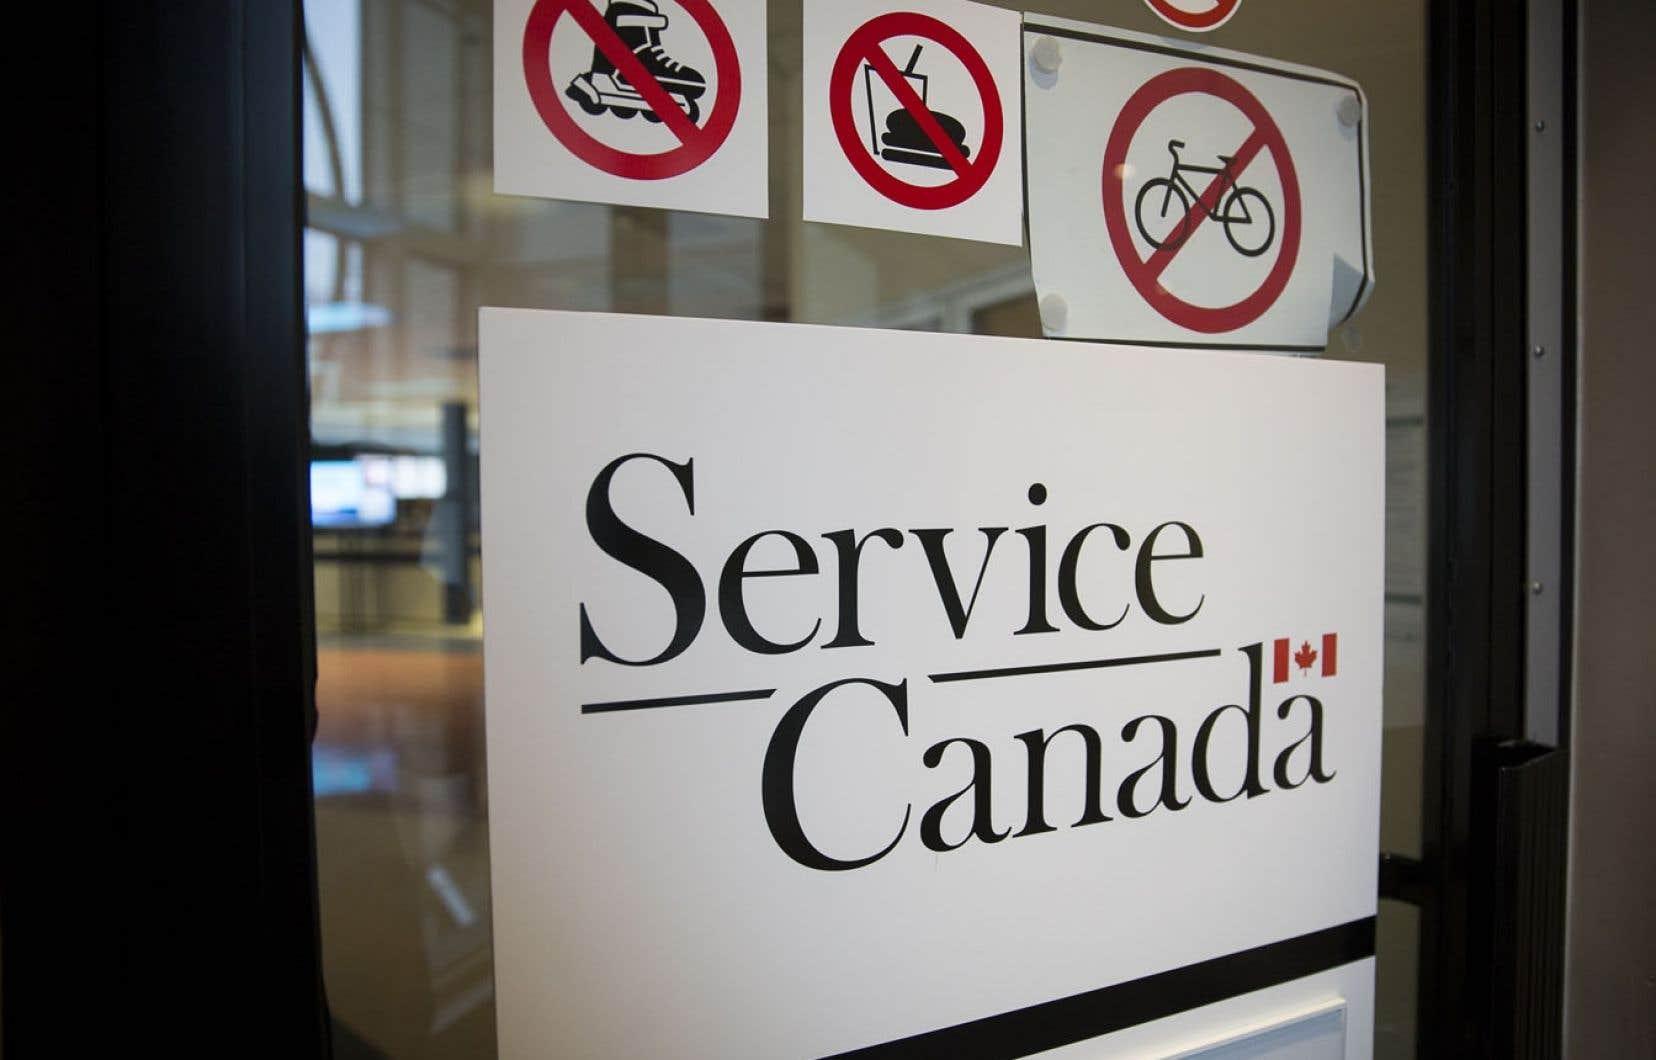 <div> Service Canada estime normal de vouloir récupérer les trop-payés de l'usine Fruits de mer de l'Est de Matane : « La Commission a le droit de reconsidérer une demande de prestation jusqu'à 36 mois après que des prestations ont été versées», a répondu l'agence.</div>